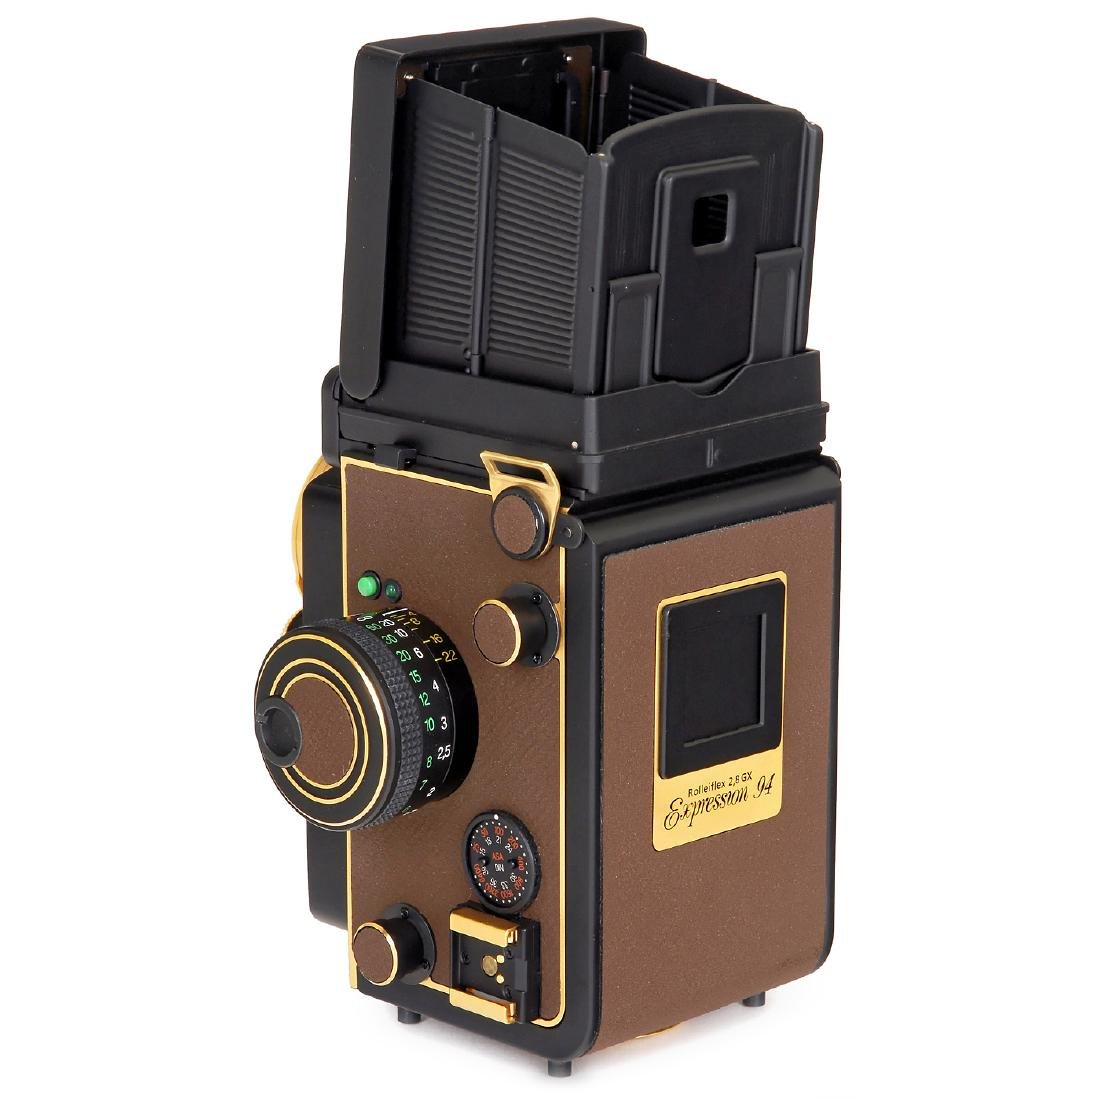 """Rolleiflex 2,8GX """"Gold Expression 94"""", 1994 - 4"""